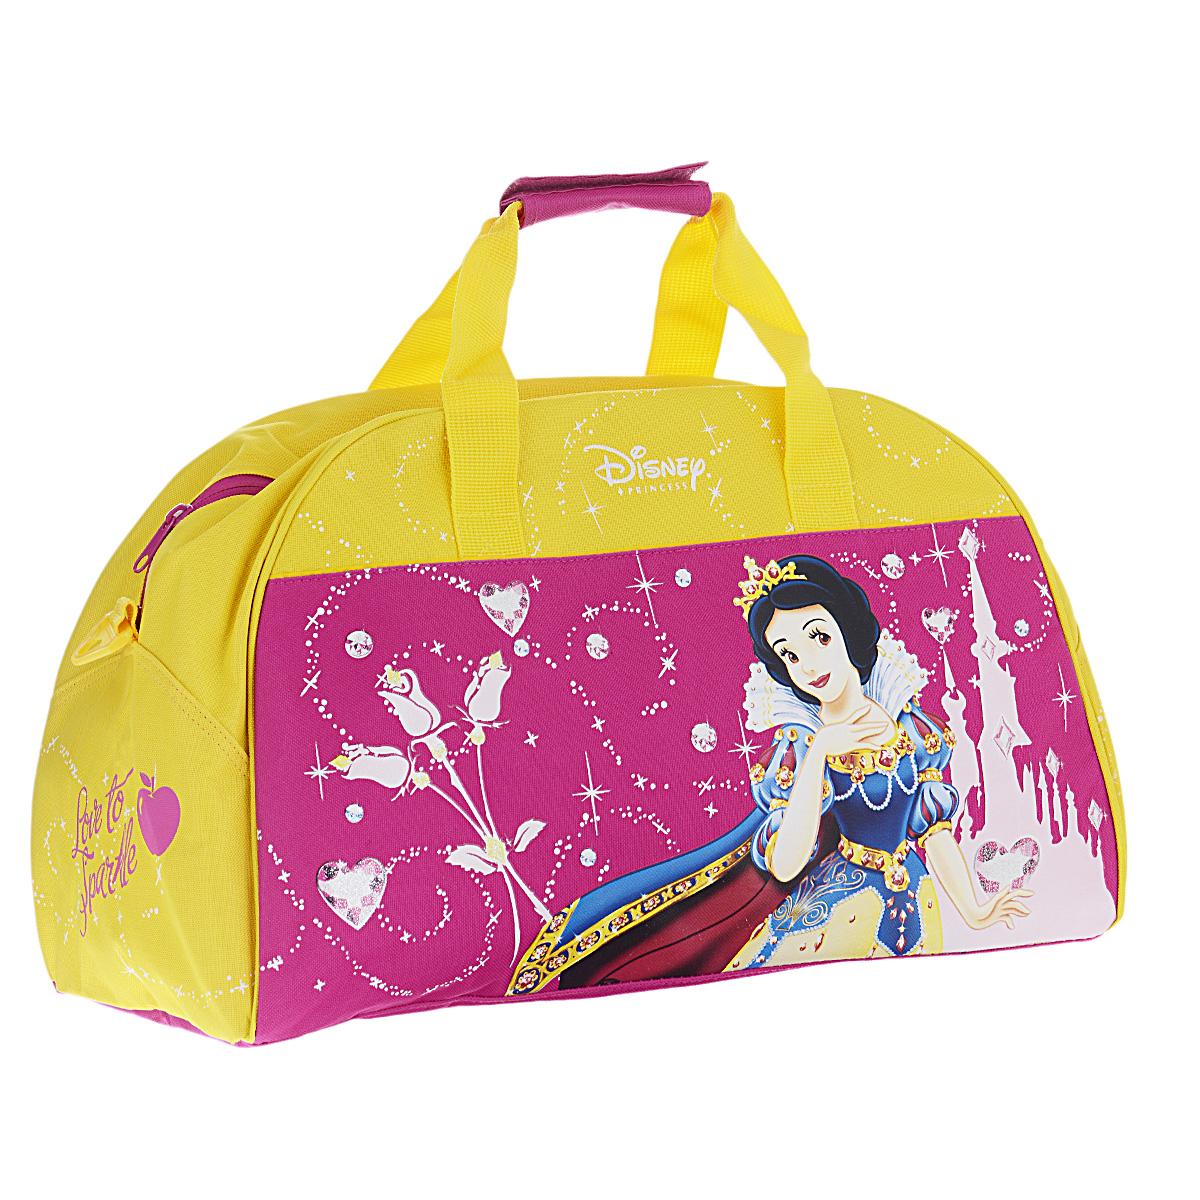 Disney Princess Сумка спортивная детская цвет розовый желтый72523WDДетская спортивная сумка Princess придется по вкусу любой активной девочке, посещающей спортзал или спортивные секции.Сумка изготовлена из высококачественного износостойкого полиэстера и оформлена оригинальным цветочным принтом и изображением Белоснежки в роскошном наряде принцессы. Сумка состоит из одного вместительного отделения, закрывается на застежку-молнию. Внутри располагается небольшой накладной карман на застежке-молнии. Сумка имеет съемное твердое дно, которое при необходимости можно извлечь.Сумка имеет удобные ручки для переноски, скрепляющиеся хлястиком на липучке, а также съемный плечевой ремень, регулирующийся по длине. Дно сумки оснащено пластиковыми ножками, обеспечивающими необходимую устойчивость.Спортивная сумка - незаменимый аксессуар для юной спортсменки, который сочетает в себе практичность и модный дизайн. Красочная сумка сделает посещение спортивных секций не только приятным, но и модным занятием.